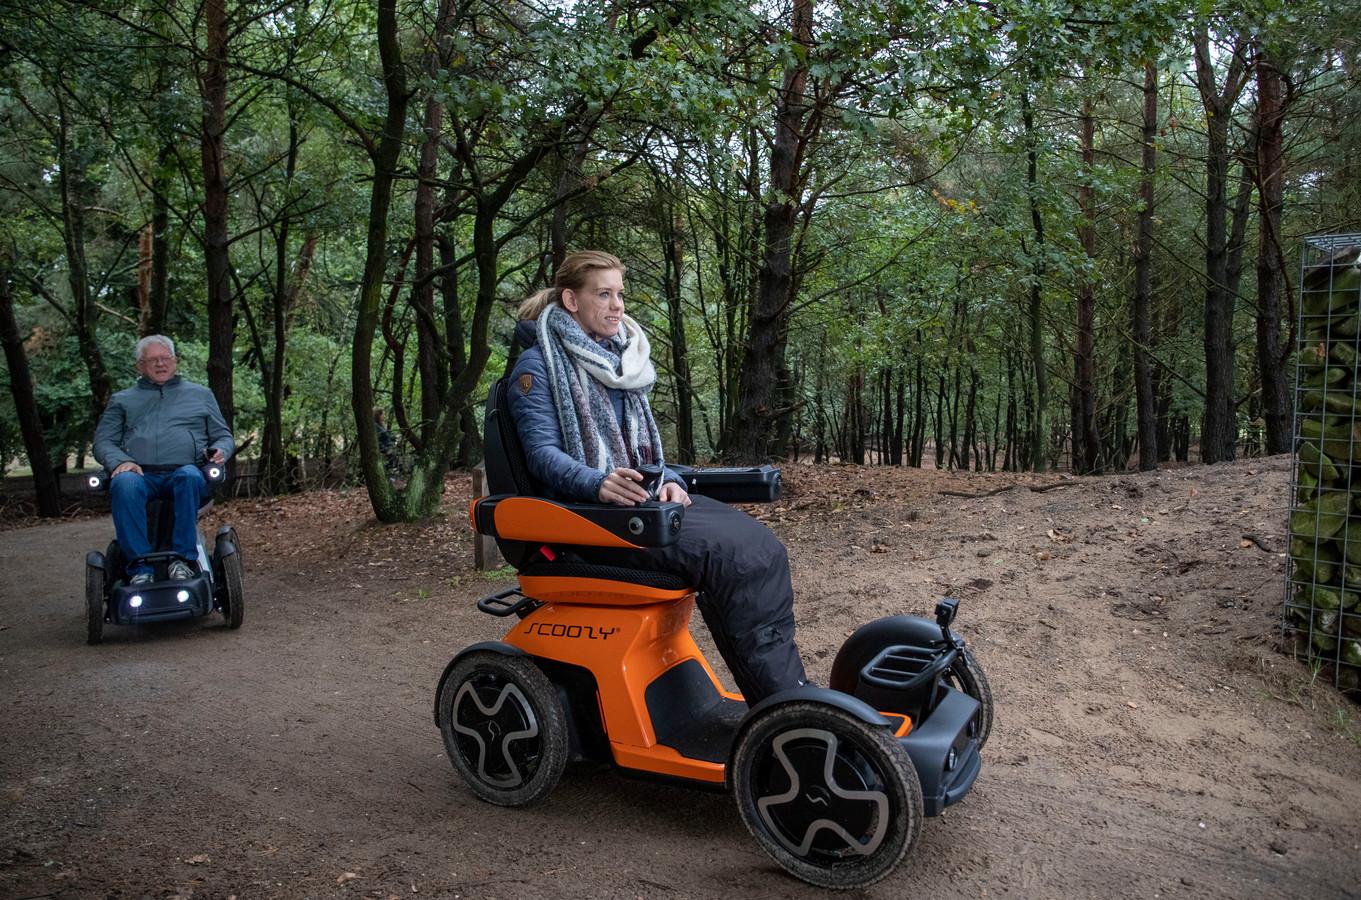 Rixt van der Horst in de oranje Scoozy in de bossen bij Oud-Reemst.